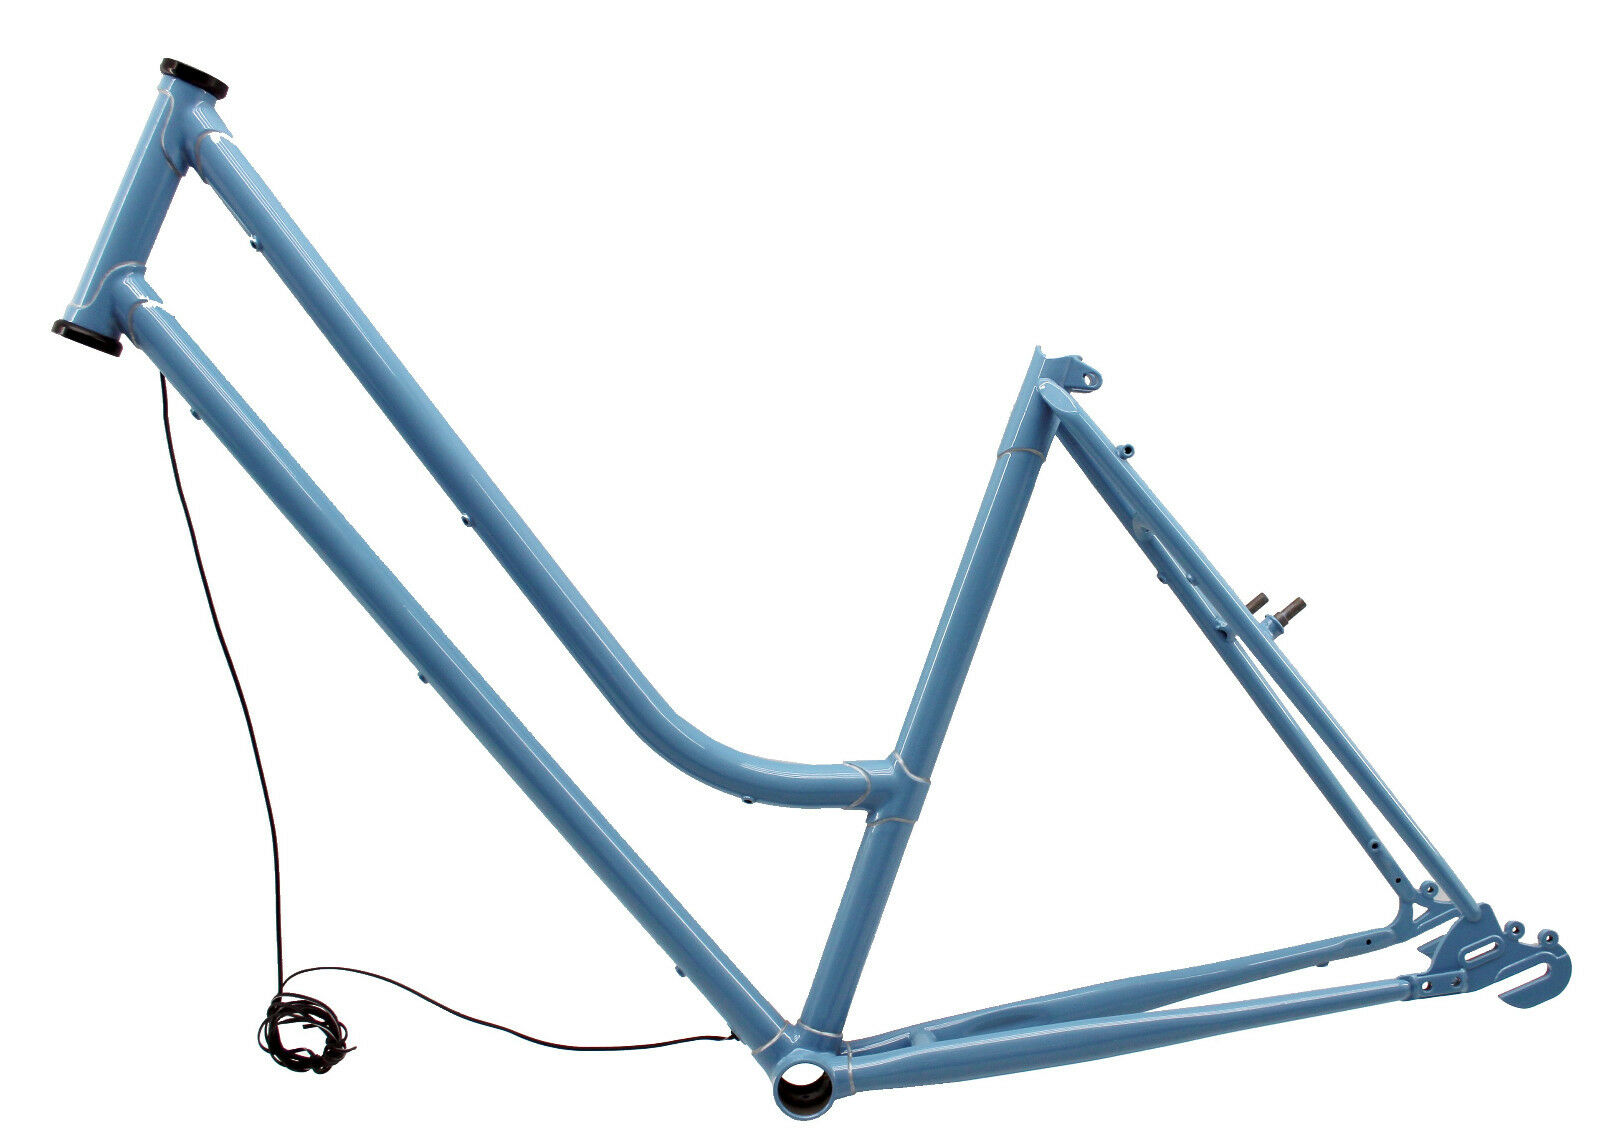 Böttcher Ladies Steel - Frame Nostalgia, 28  , Fh 49 cm, Hub   Chain BSA bluee